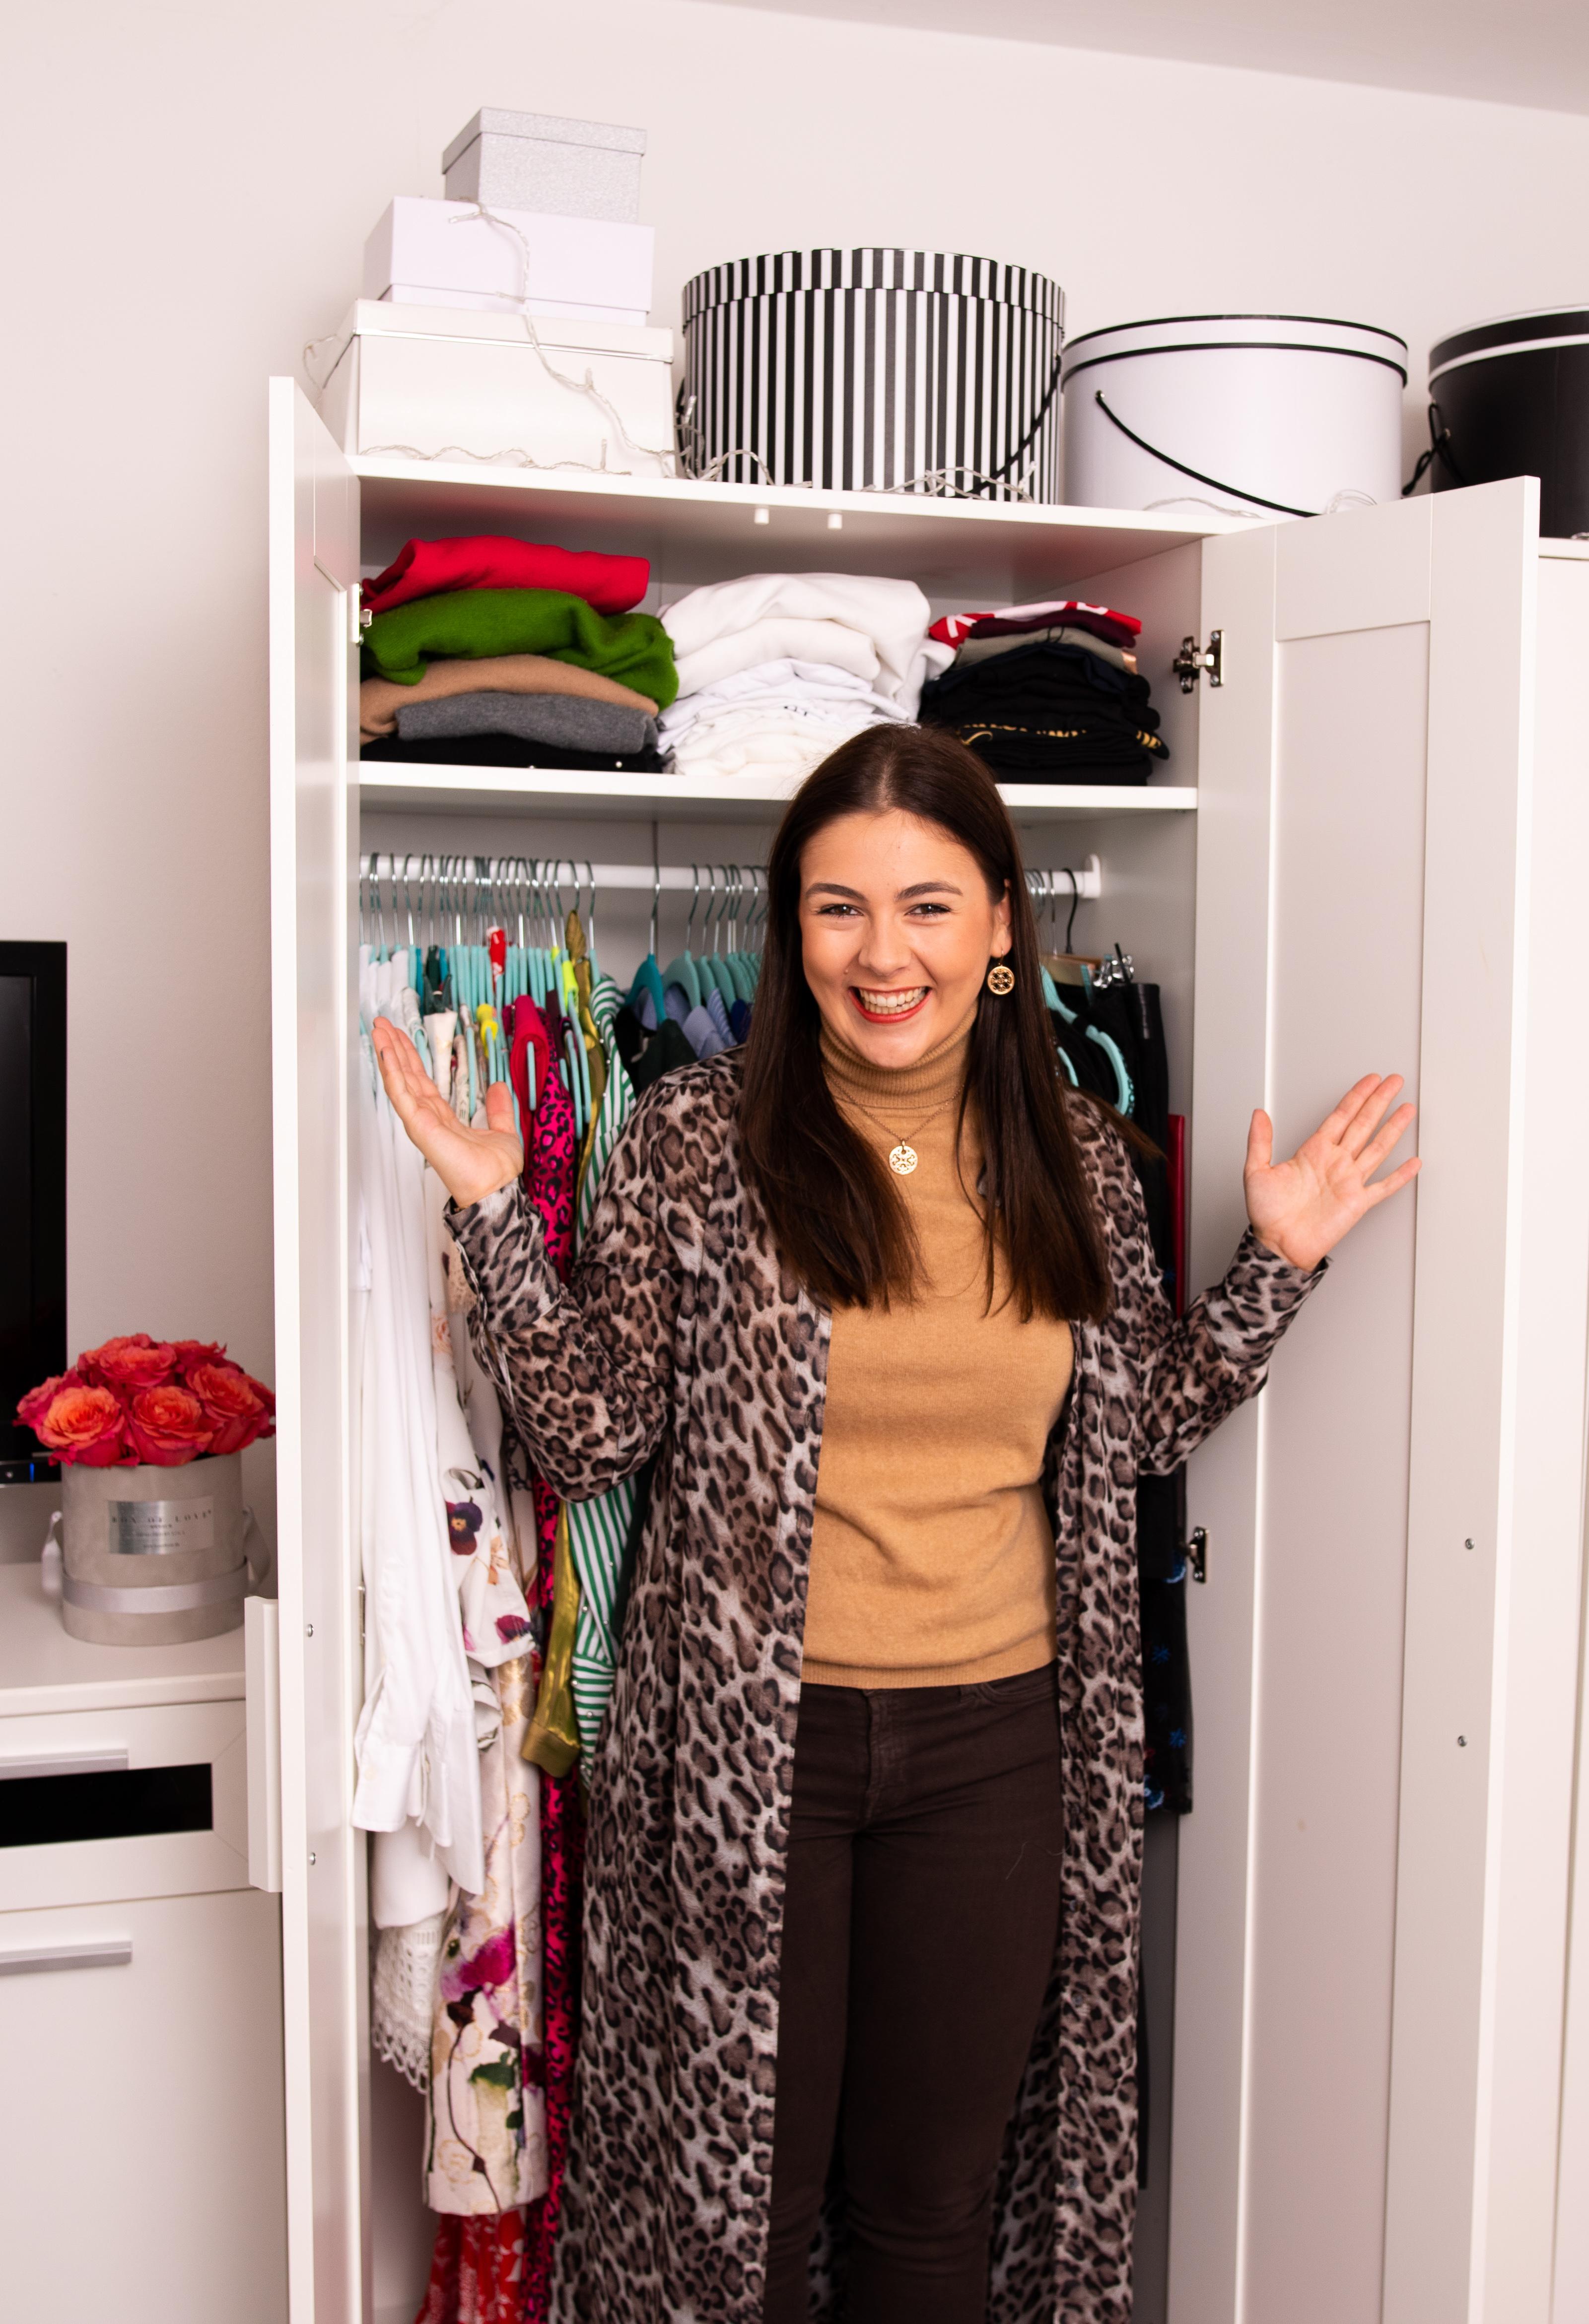 Kleiderschrank Check, Style Coaching, Neuer Look - Nathalie Dorff von Fashiondeluxxe vor ihrem aufgeräumten Kleiderschrank